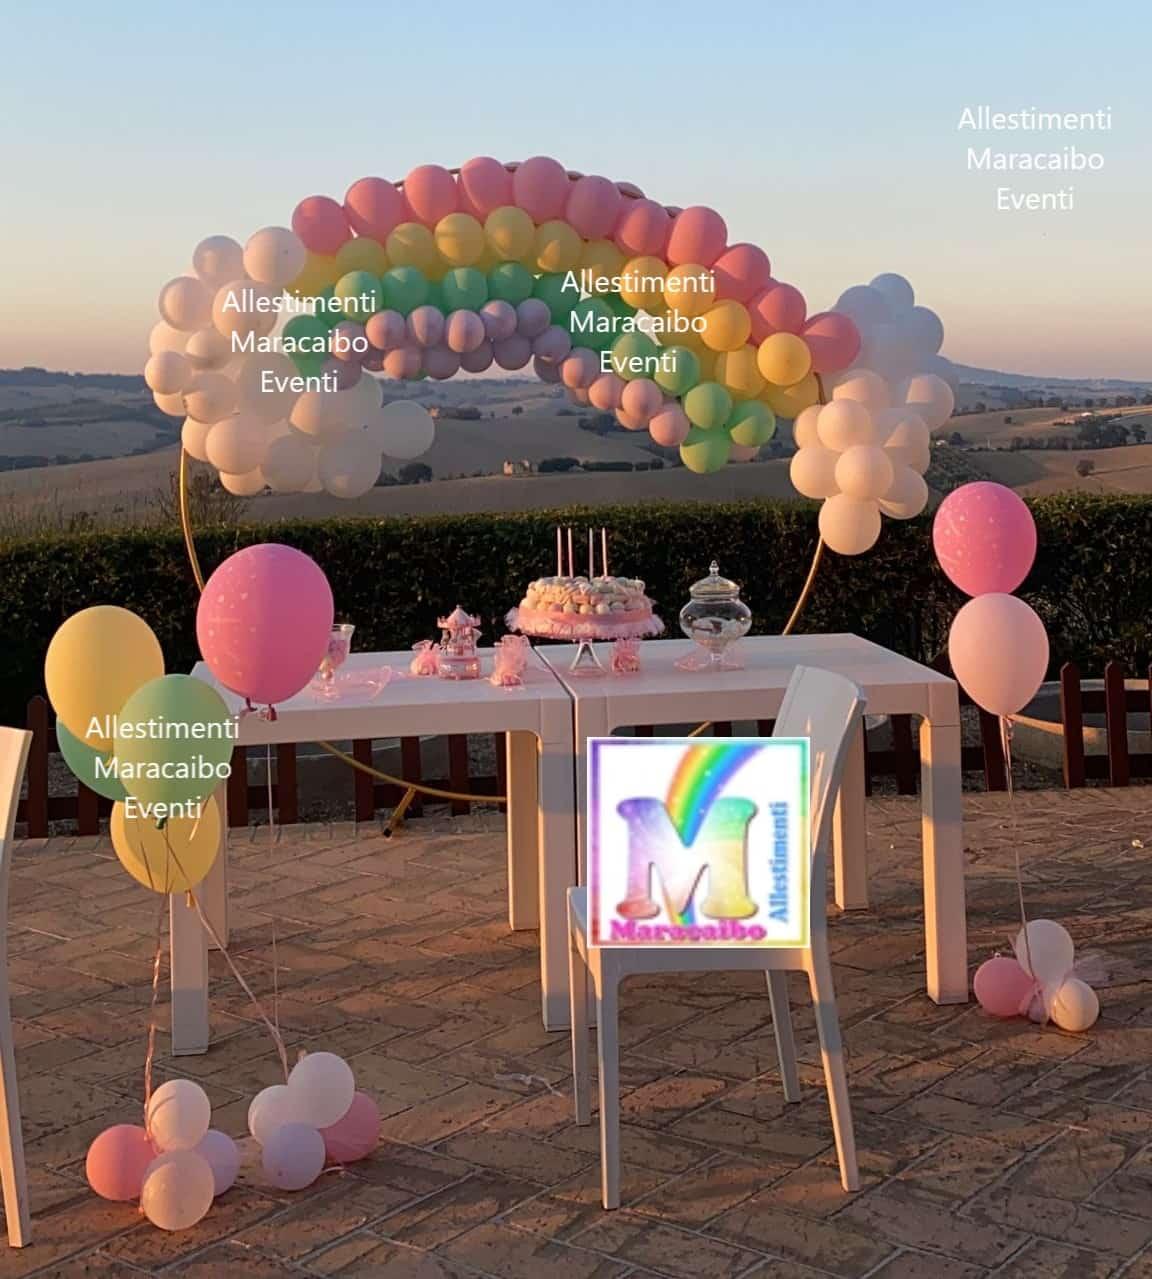 Allestimento primo compleanno cerimonie comunioni feste eventi palloncini Castelfidardo Porto Recanati Osimo Macerata Montegranaro Monteurano Casette ete